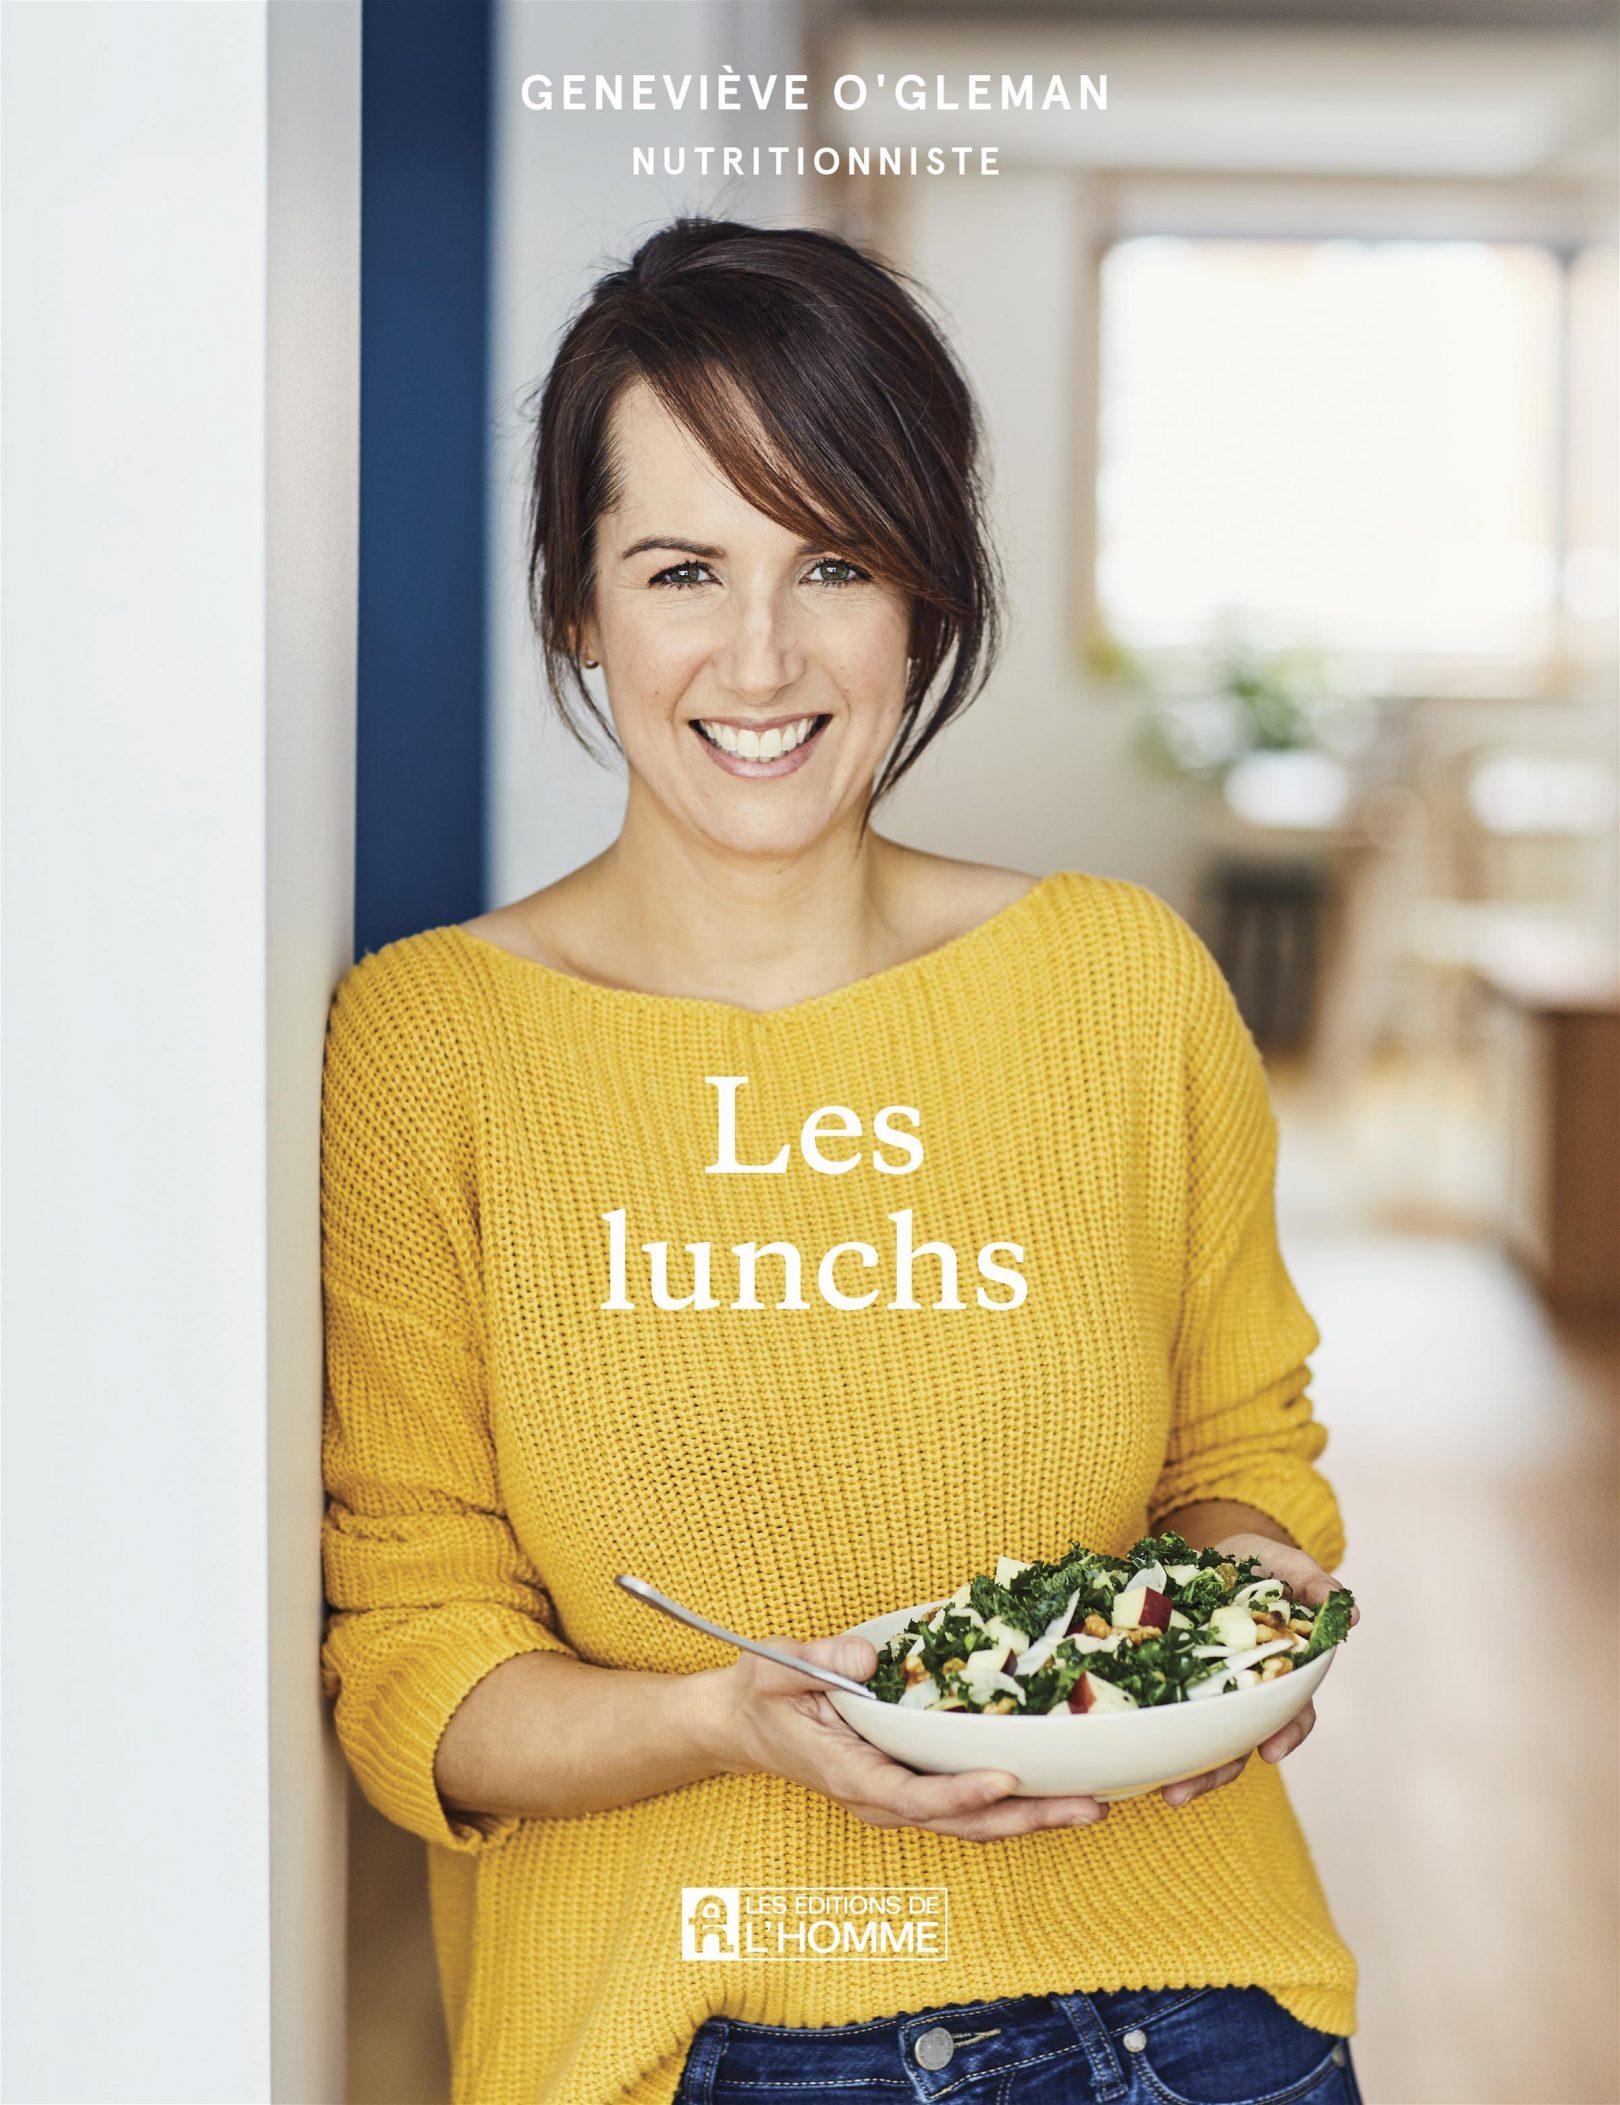 Geneviève O'Gleman annonce la sortie d'un nouveau livre de recettes